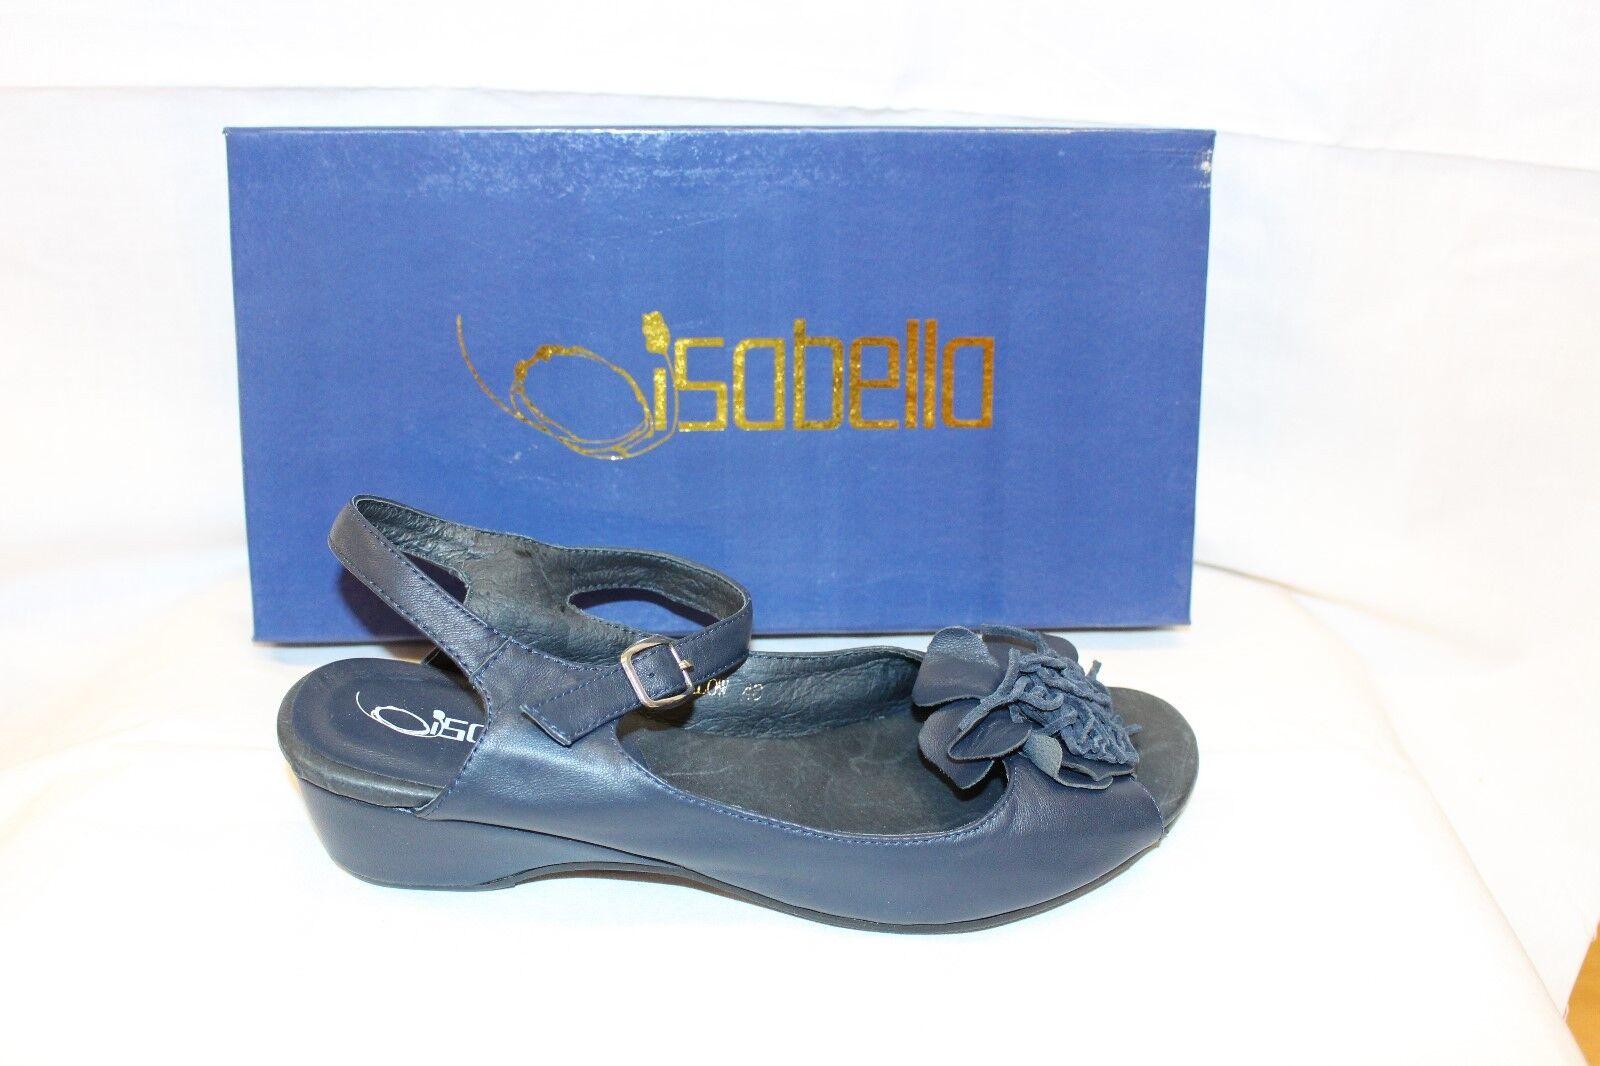 LADIES SHOES/FOOTWEAR - Isabella Harlow navy sandal